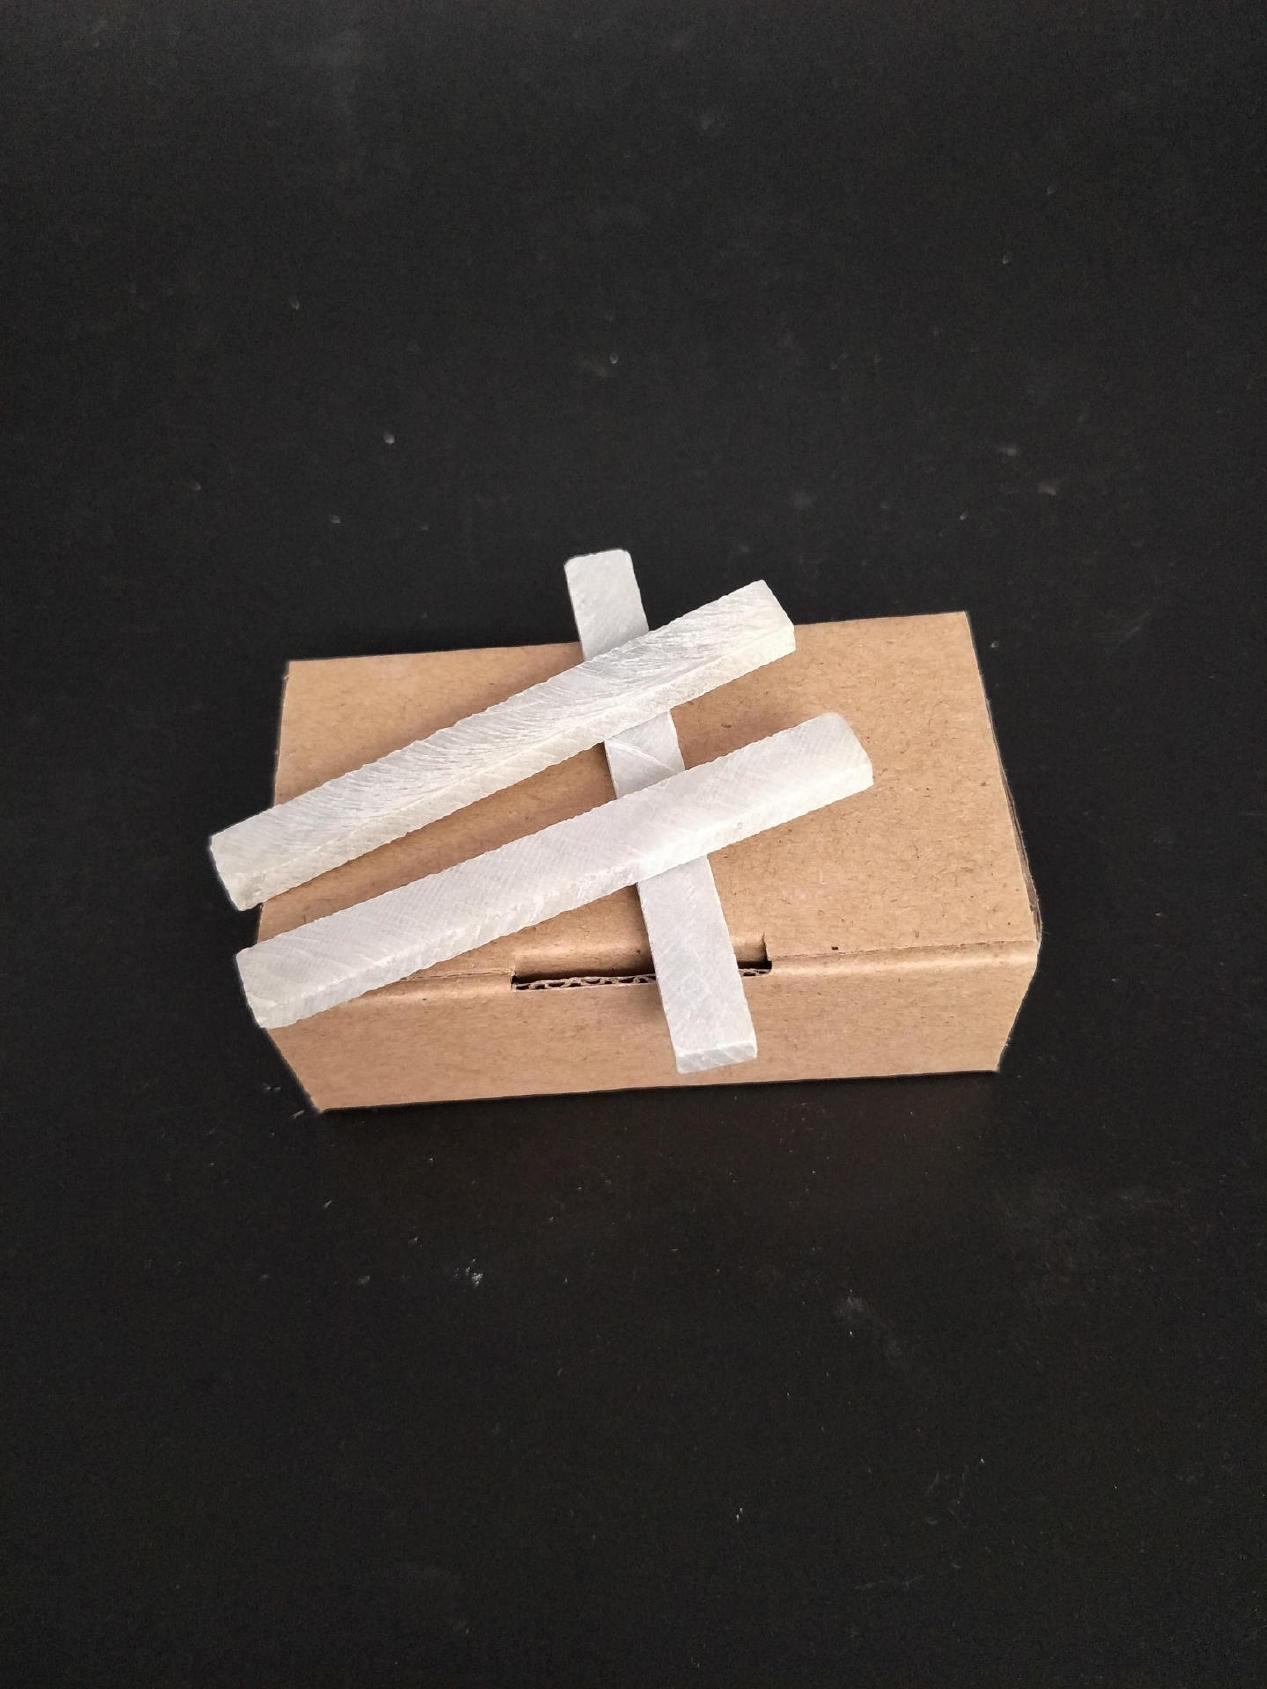 批發滑石筆 純白劃線石筆 記號筆 粉筆示例圖2